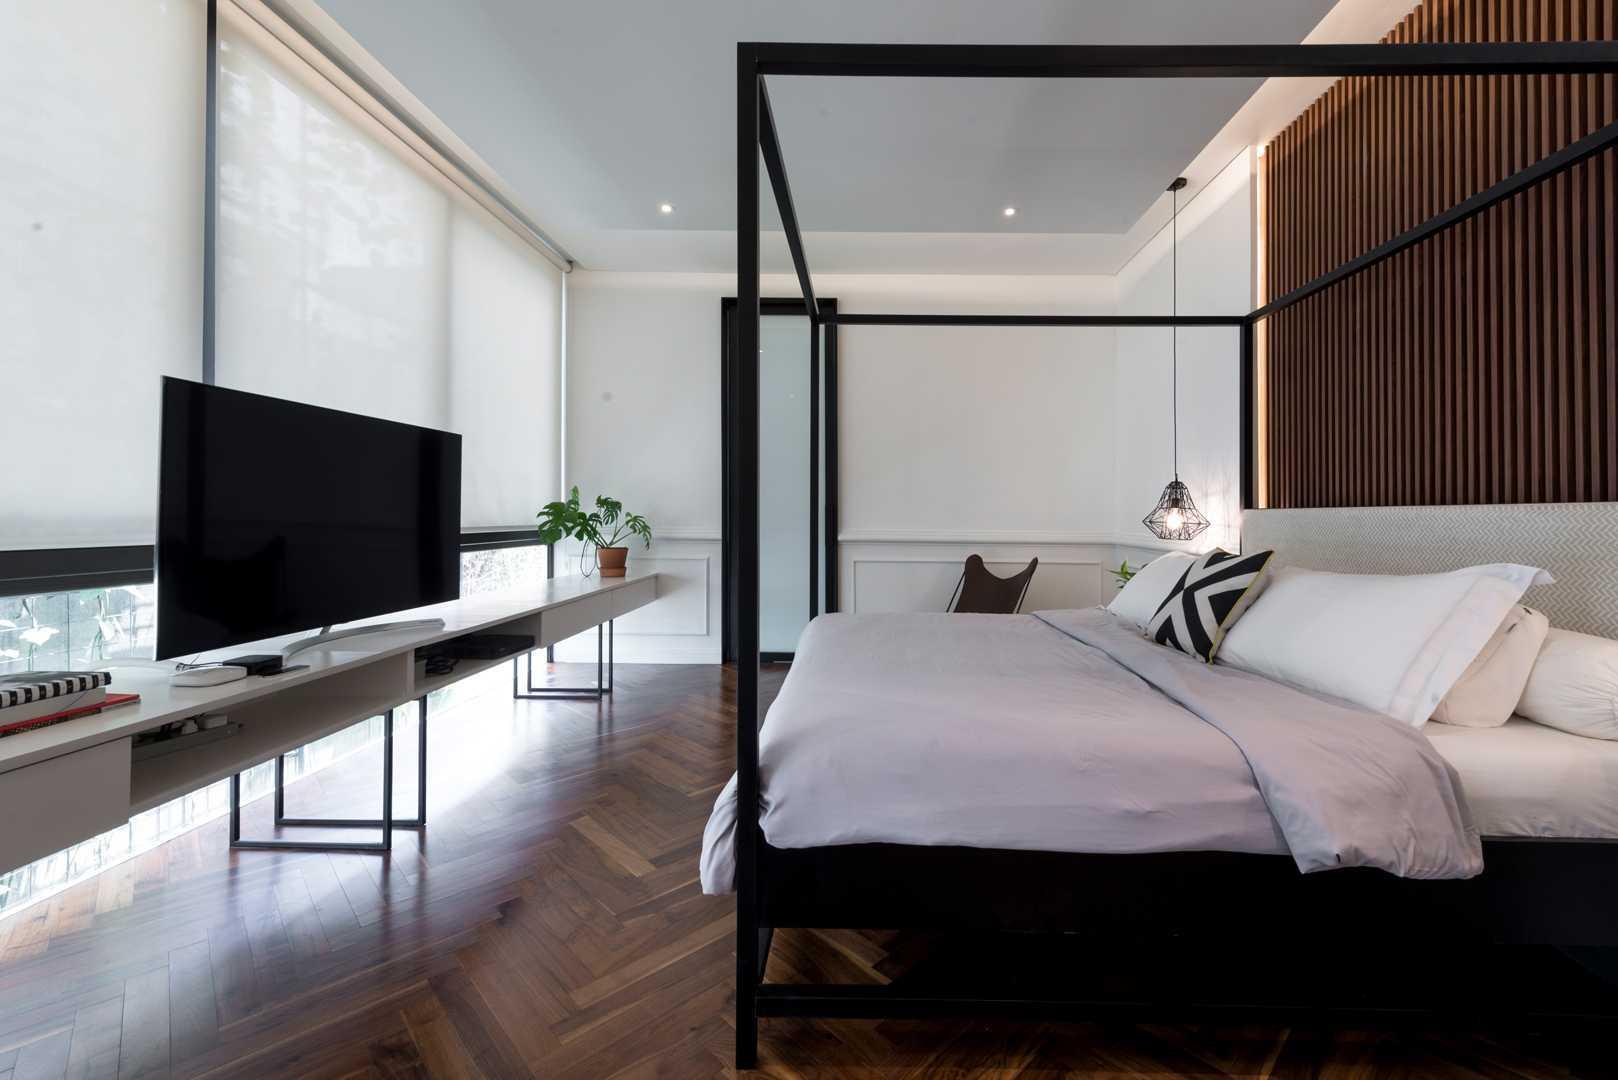 Kamar tidur yang simple namun nyaman (Sumber: arsitag.com)